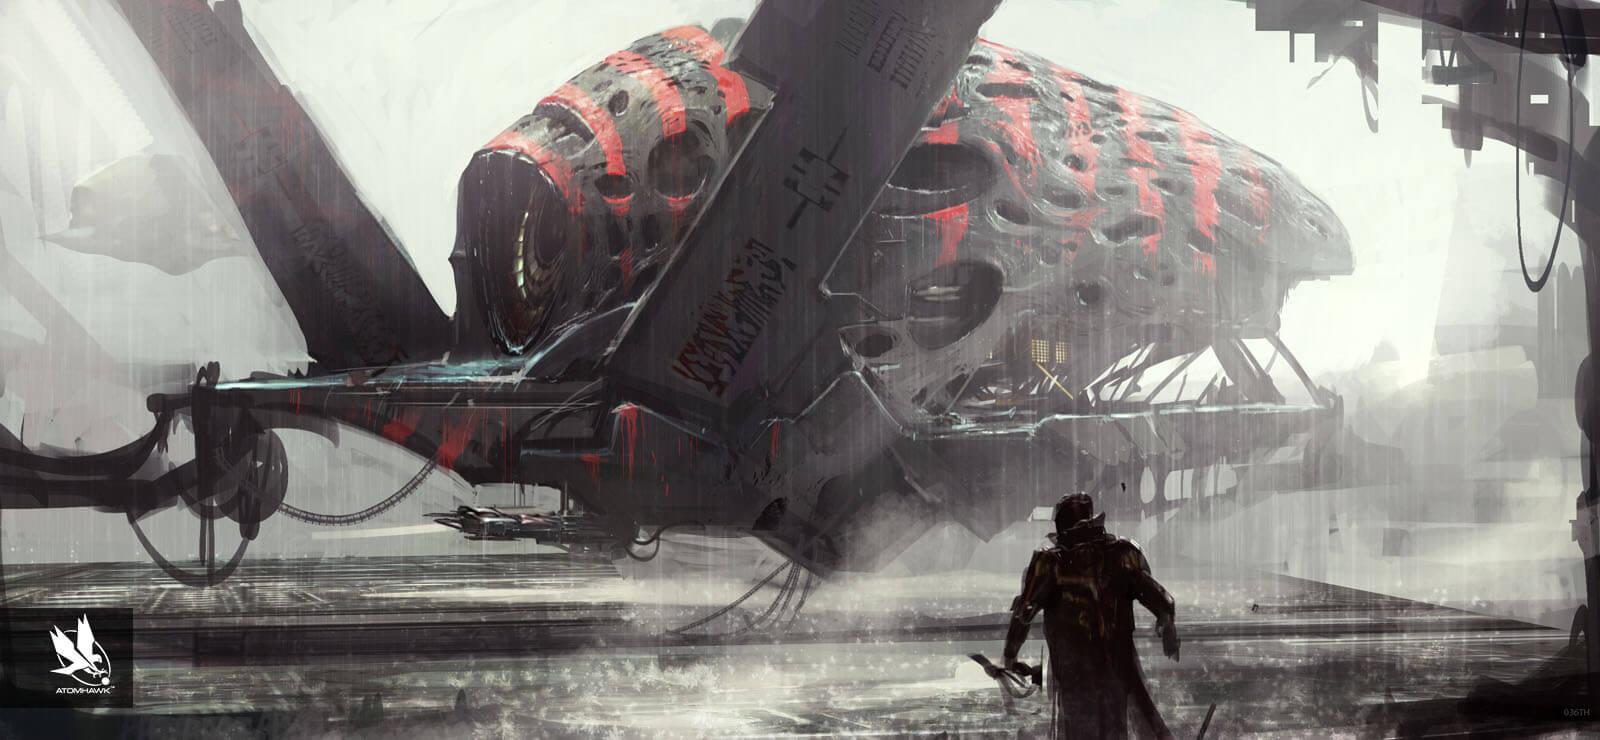 Atomhawk - Guardians of the Galaxy - Concept Art / Spacecraft Design - Necrocraft